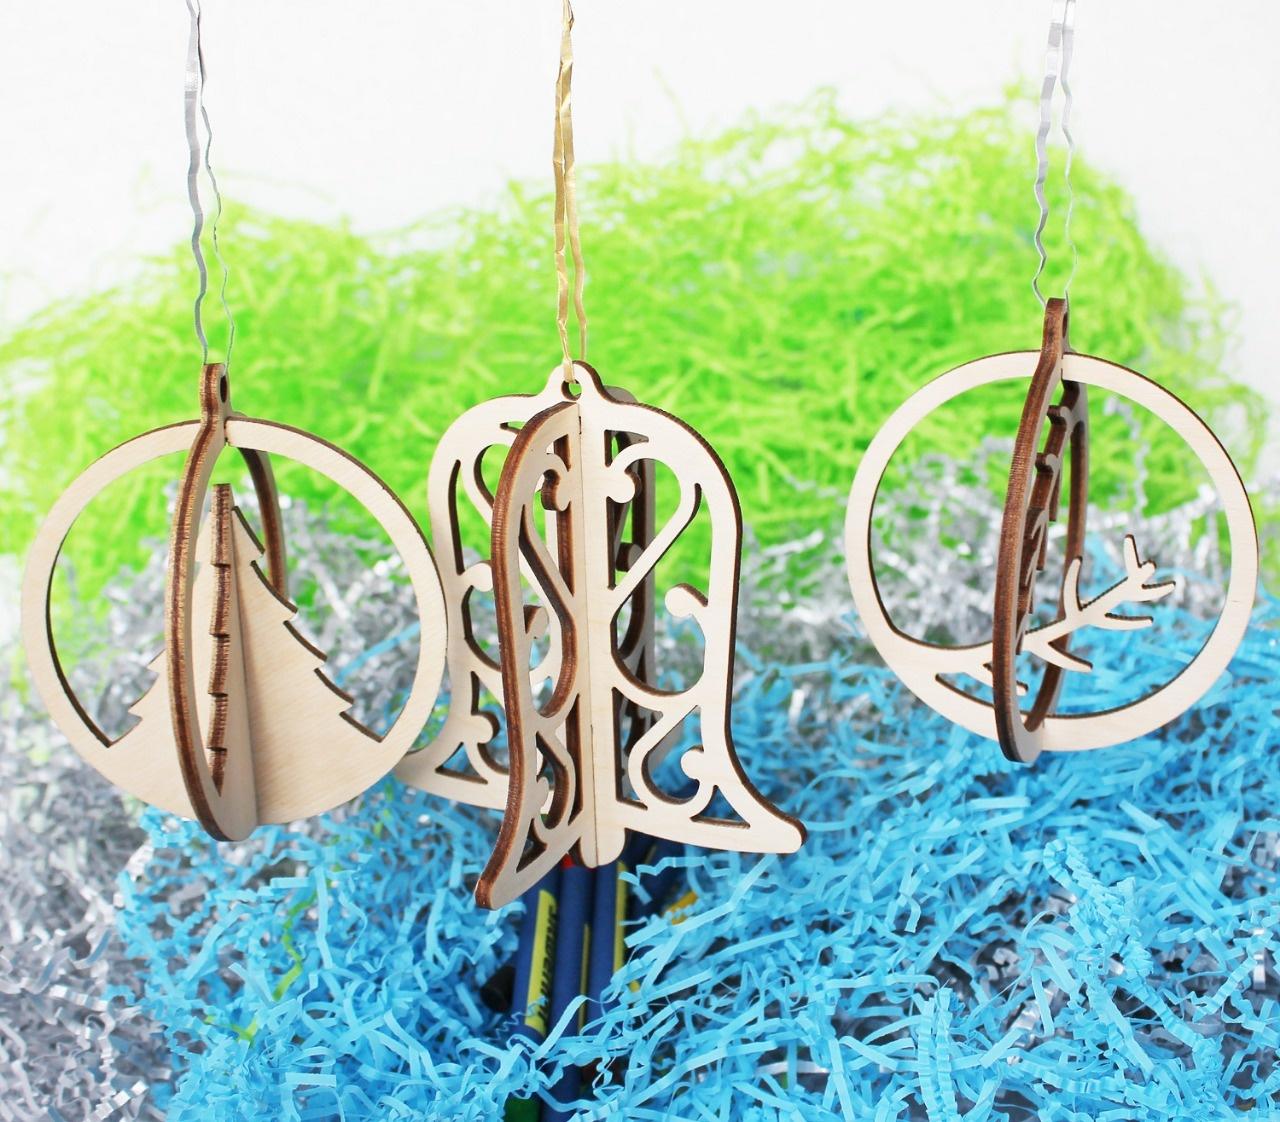 Фото - Набор для изготовления игрушки Стеша Набор для творчества Волшебные шары для сборки и покраски, игрушки своими руками. набор кондитерский капля радуги собери сам волшебную елочку 250 г